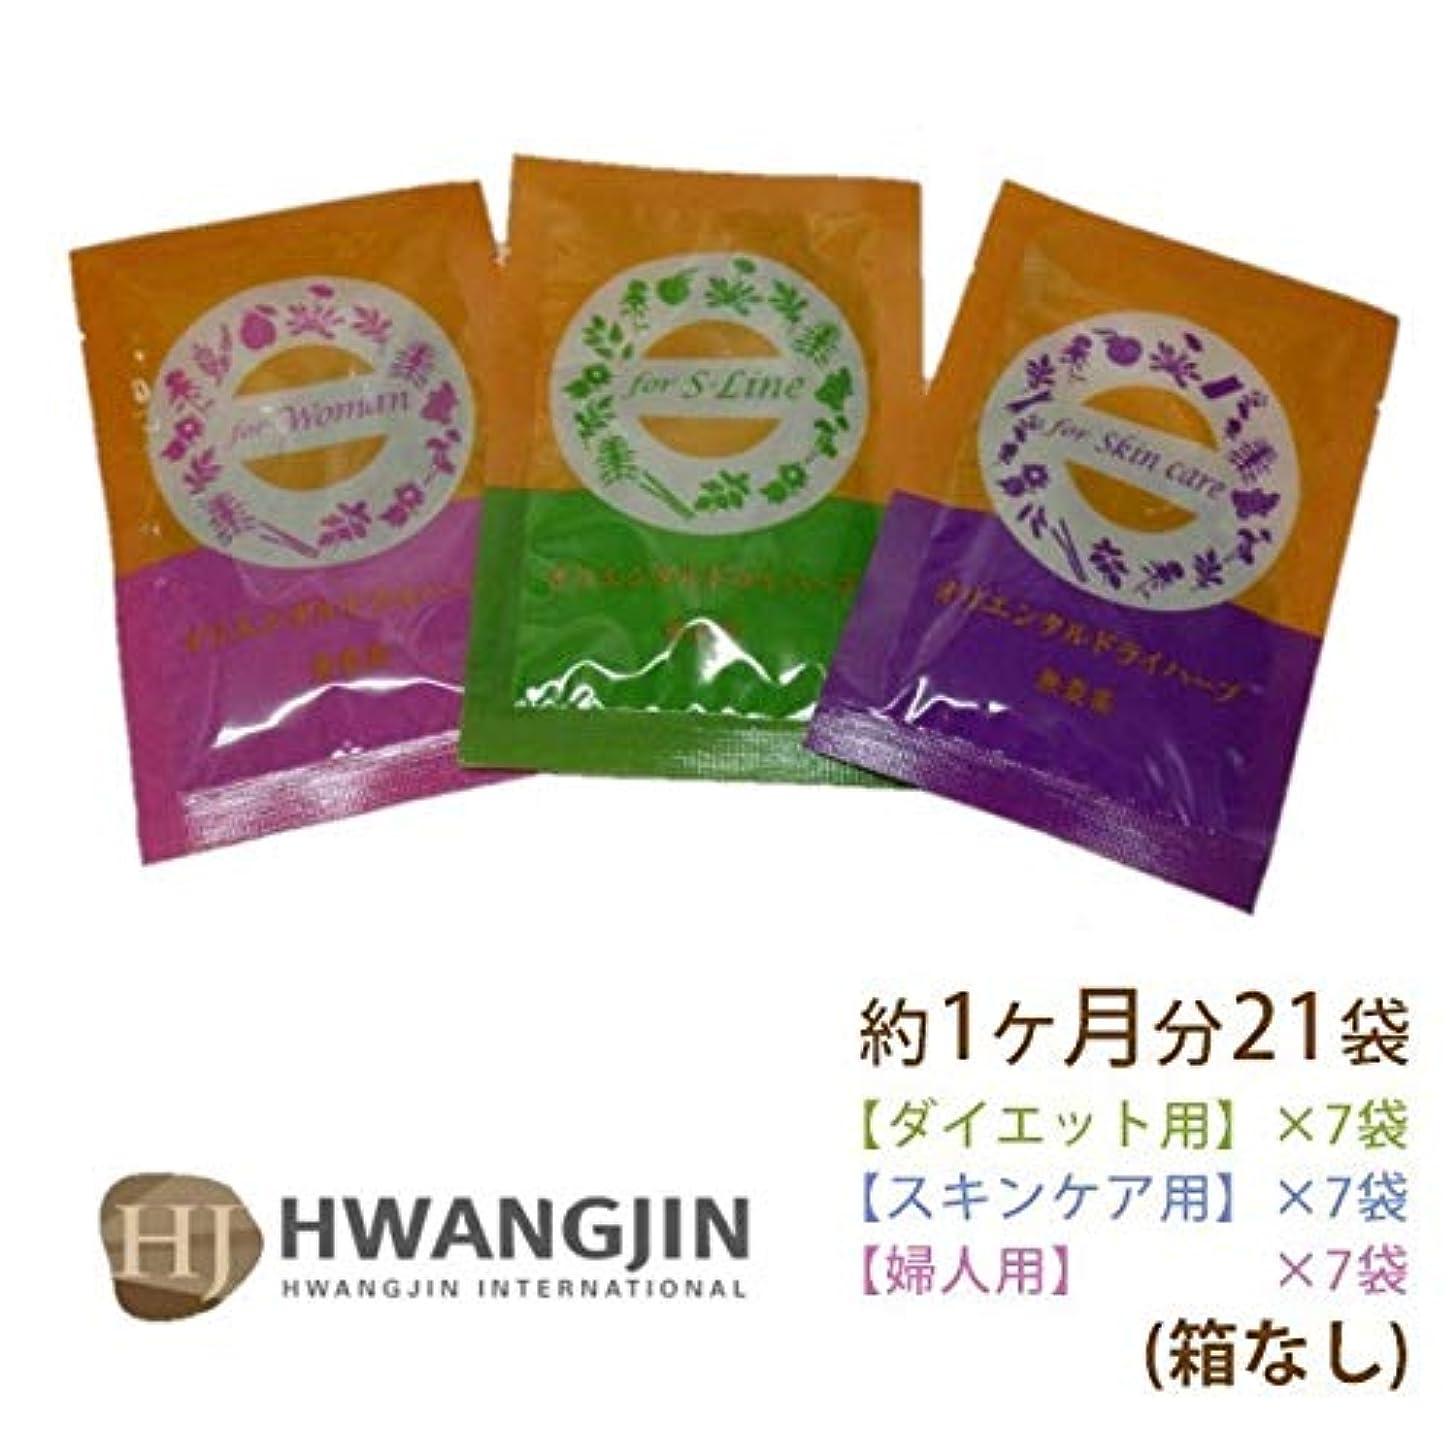 帝国持っている一致ファンジン黄土 座浴剤 21袋 箱無し 正規品 (3種 (ダイエット用、女性用、皮膚美容用) 各7袋 計21袋)